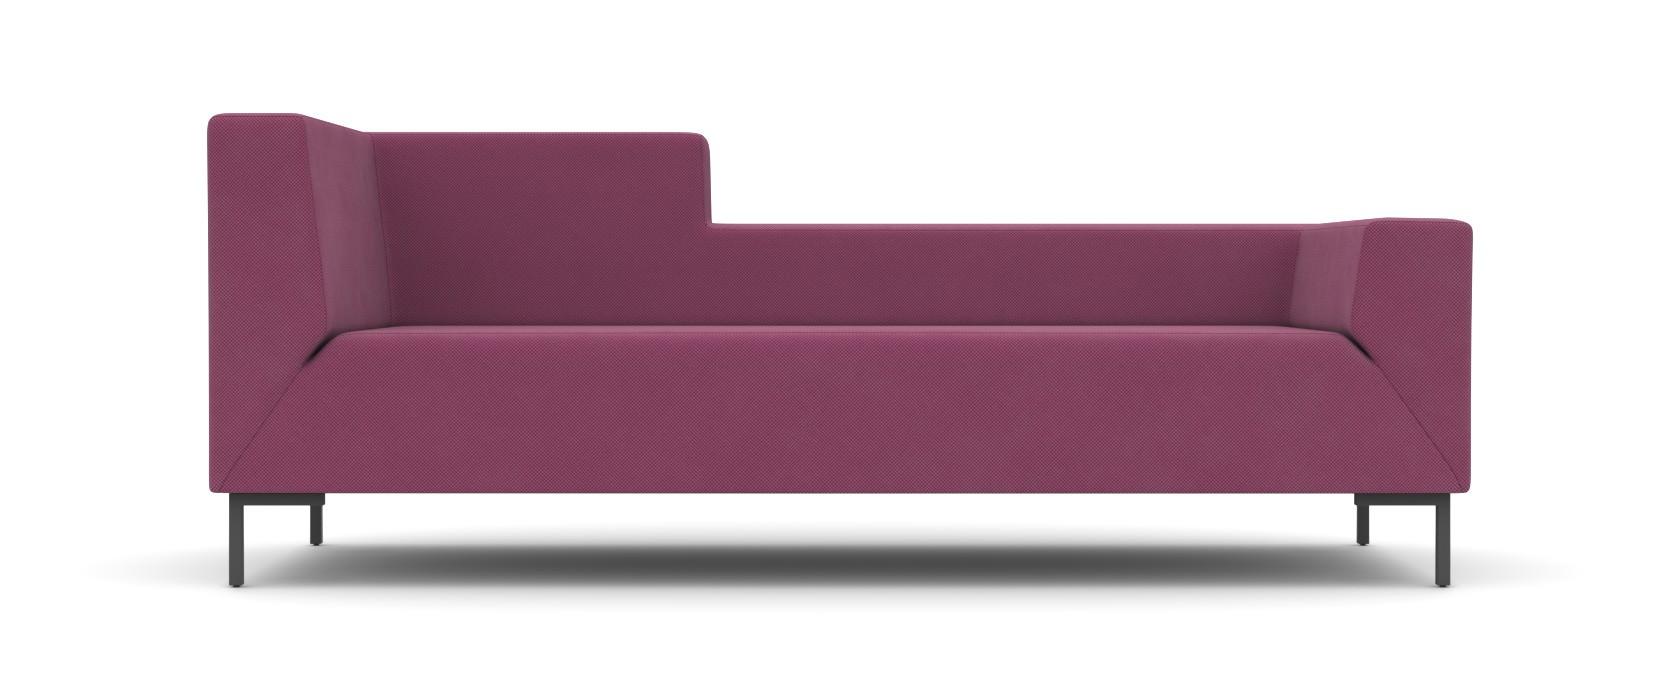 3-Sitzer Sofa Bolzano Mix